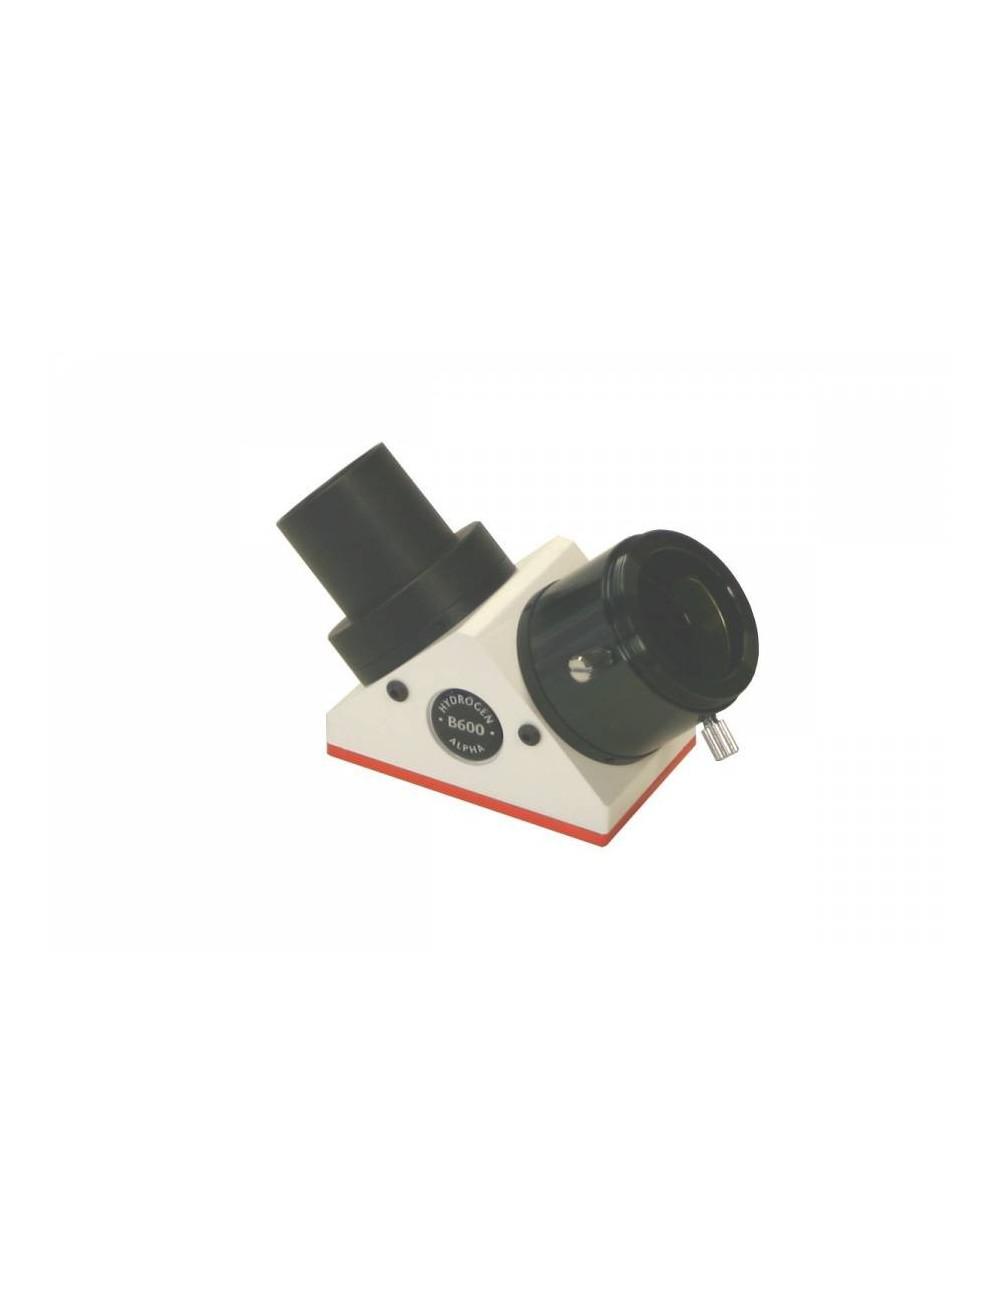 Filtre bloquant B600d1 LUNT dans renvoi coudé 31,75mm